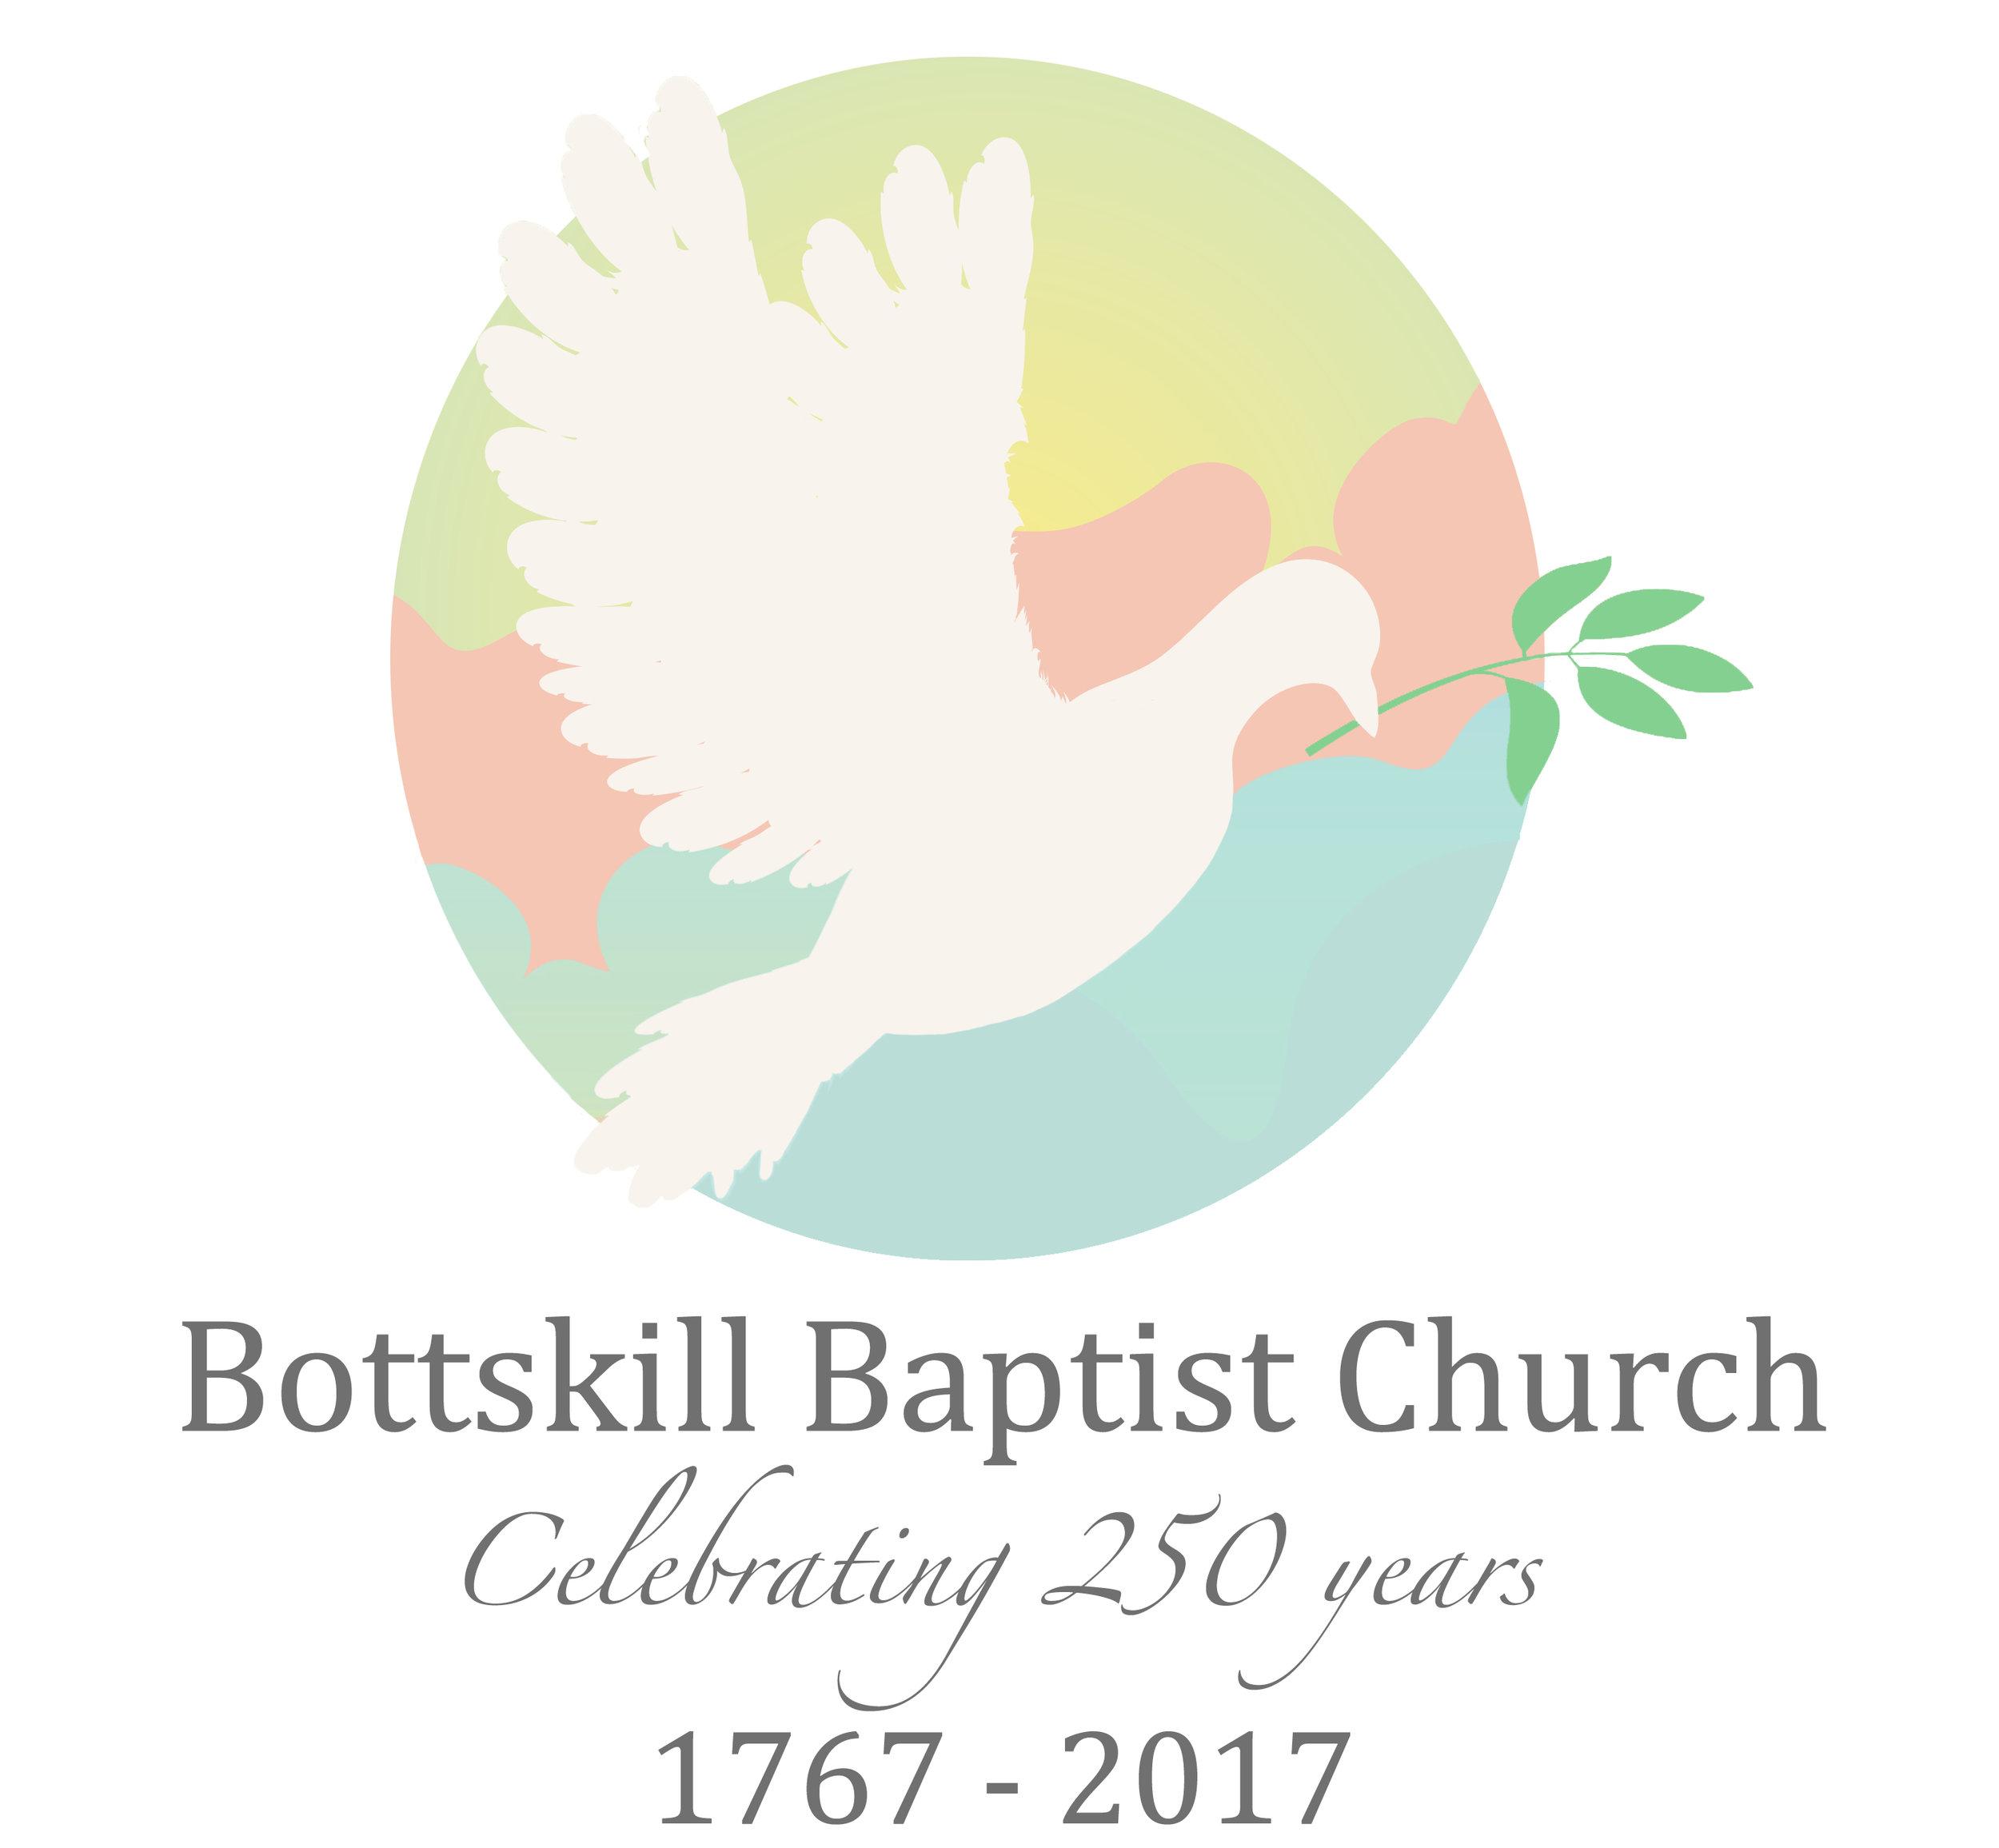 bottskill logo.jpg